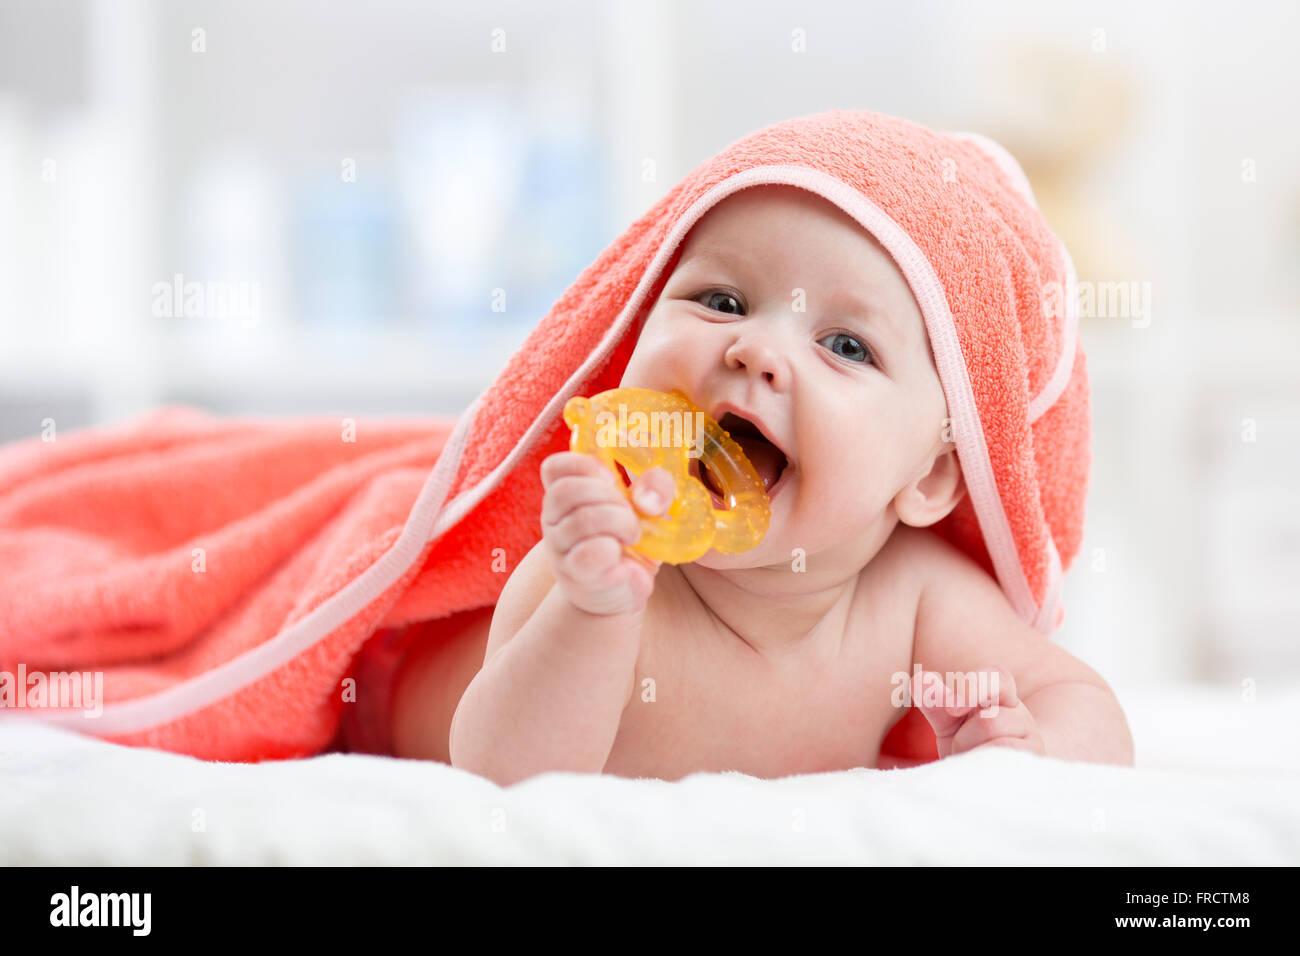 Carino bambino con succhietto sotto un asciugamano con cappuccio dopo il bagno Immagini Stock